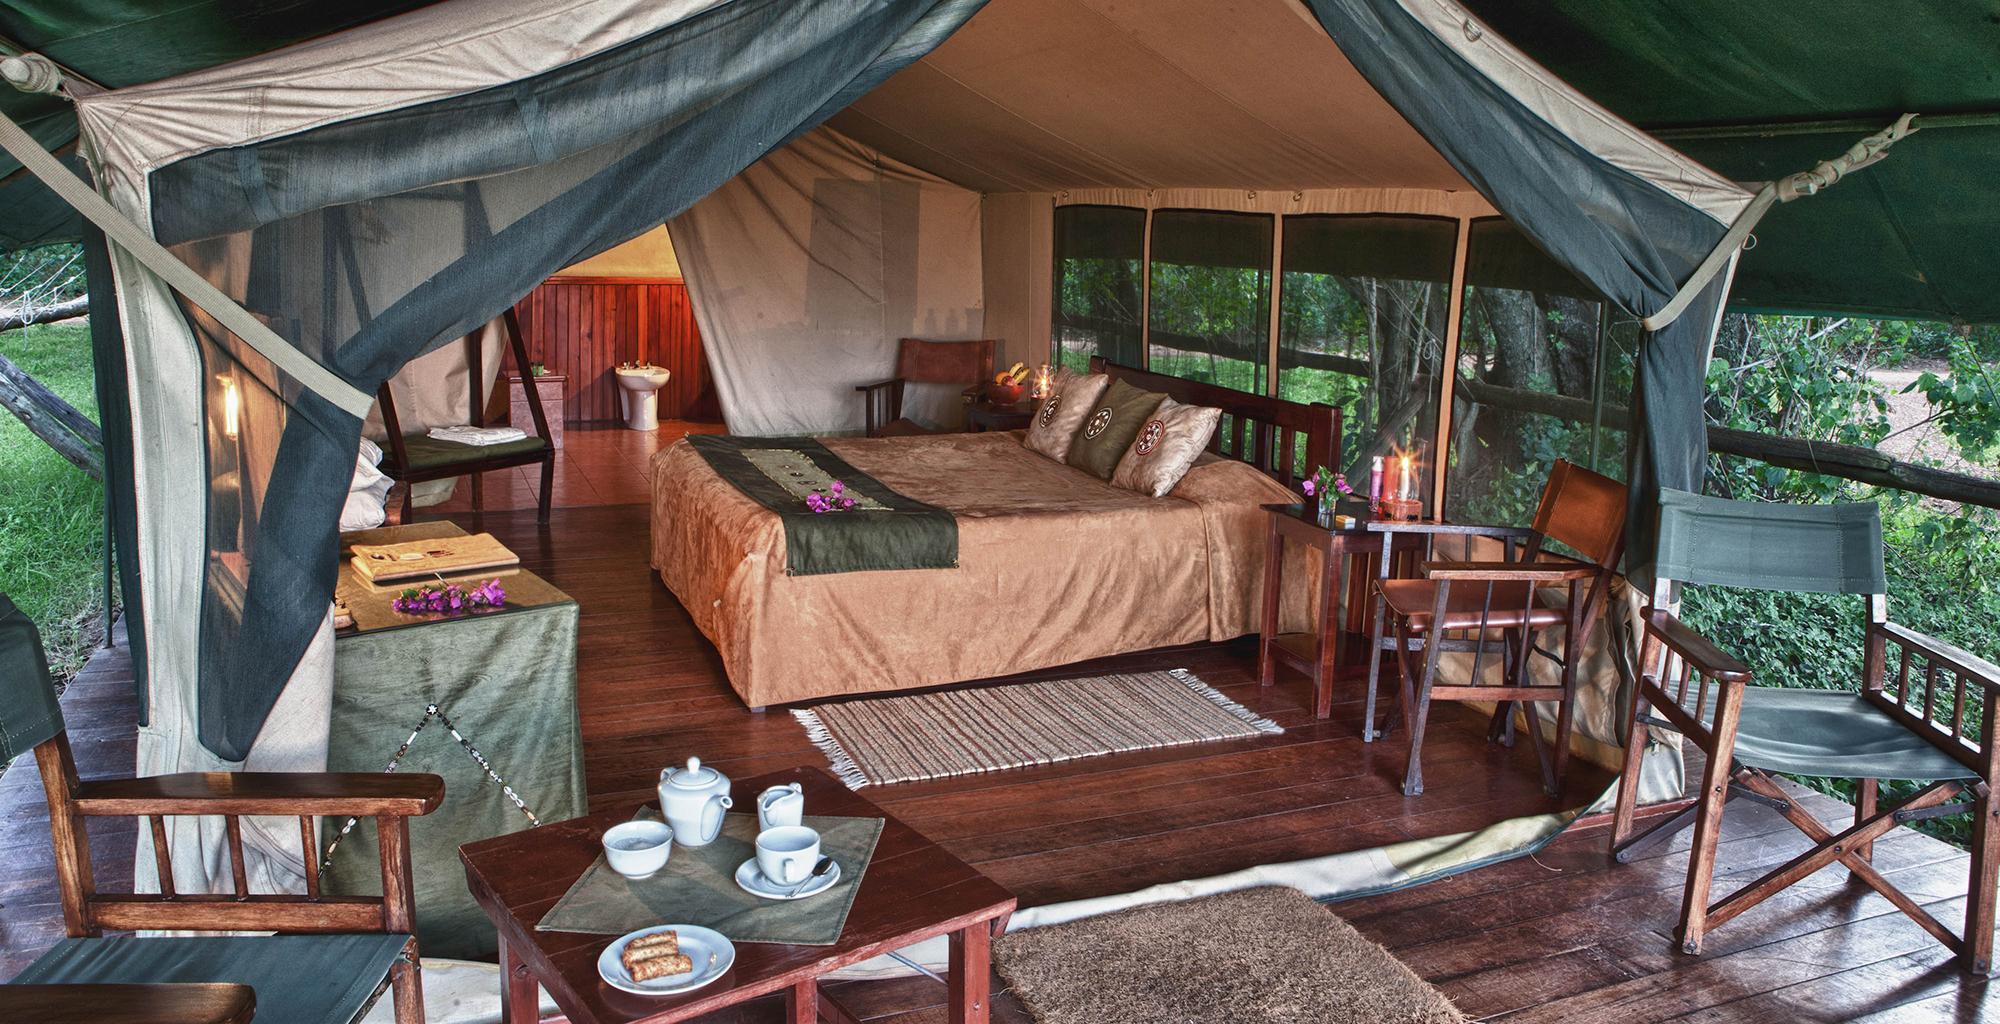 Kenya-Little-Governer's-Bedroom